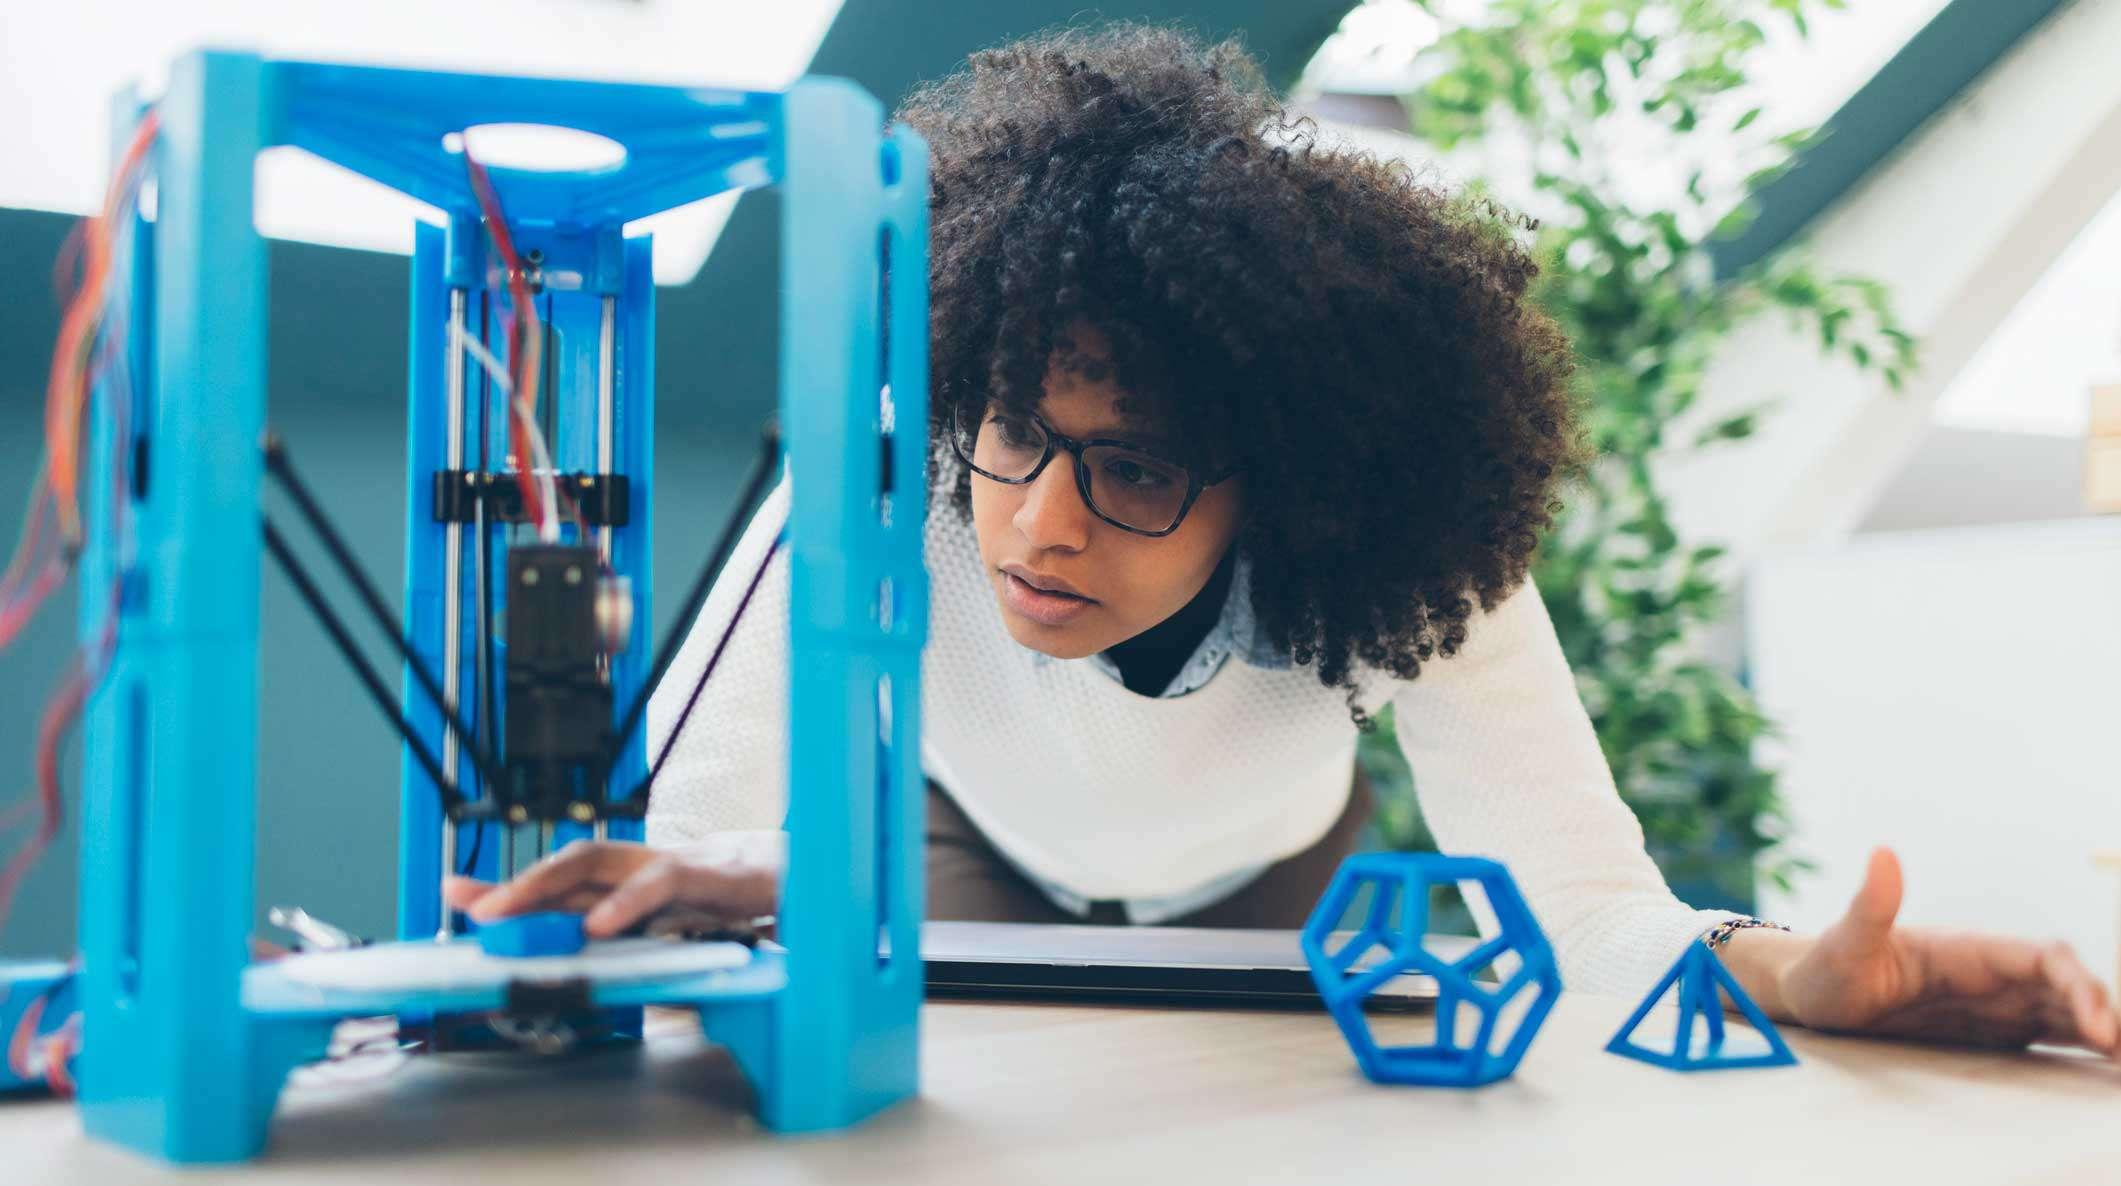 Maker watching a 3D printer build a part